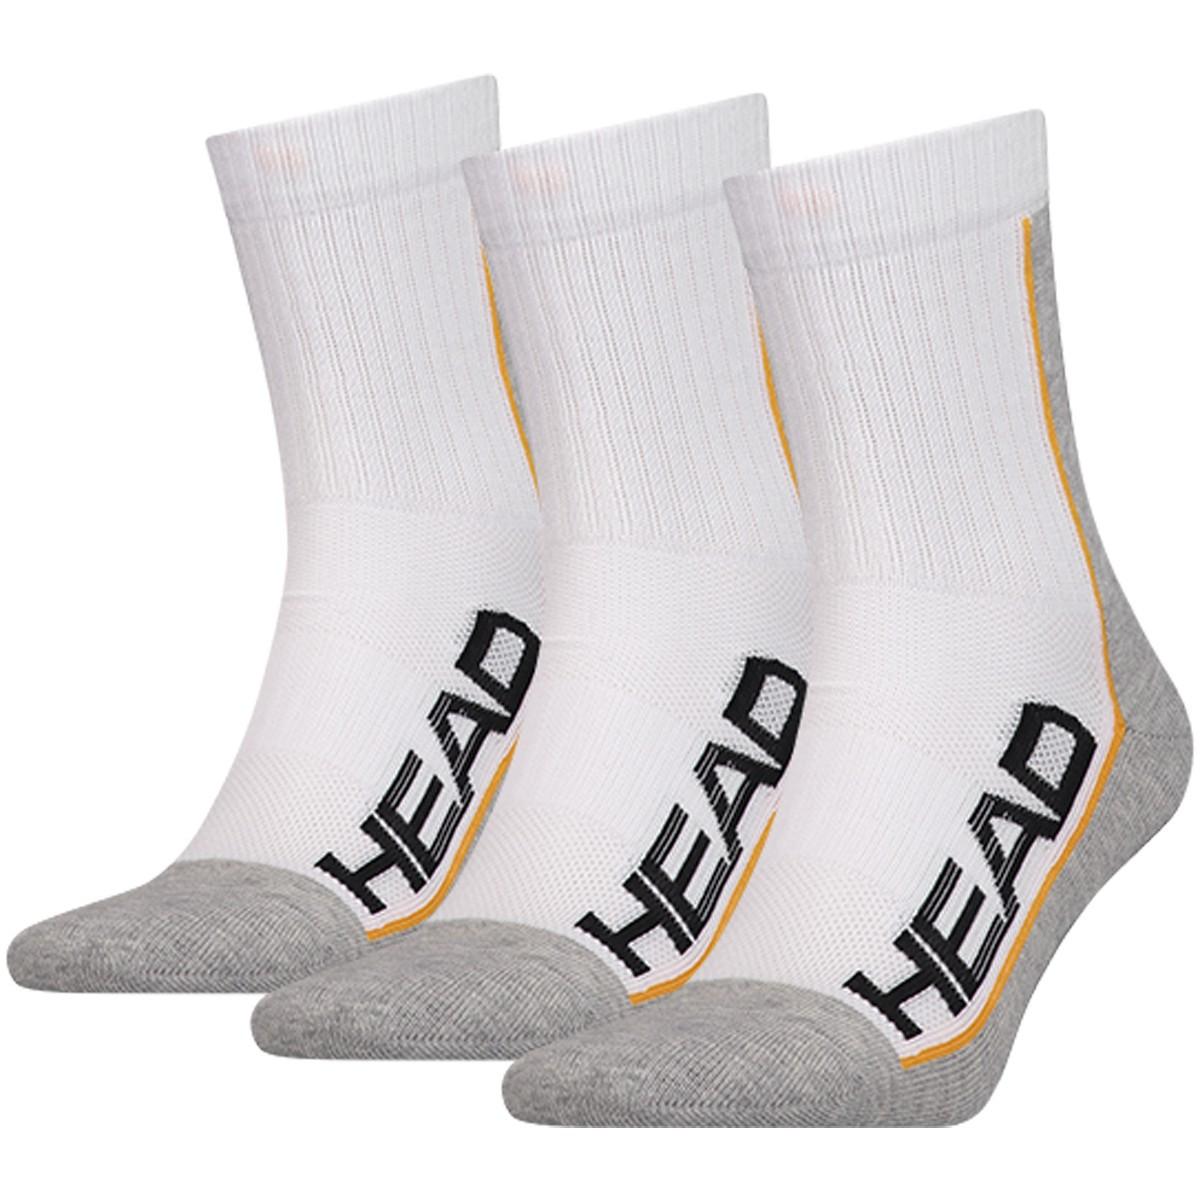 3PACK ponožky HEAD vícebarevné (791011001 062)